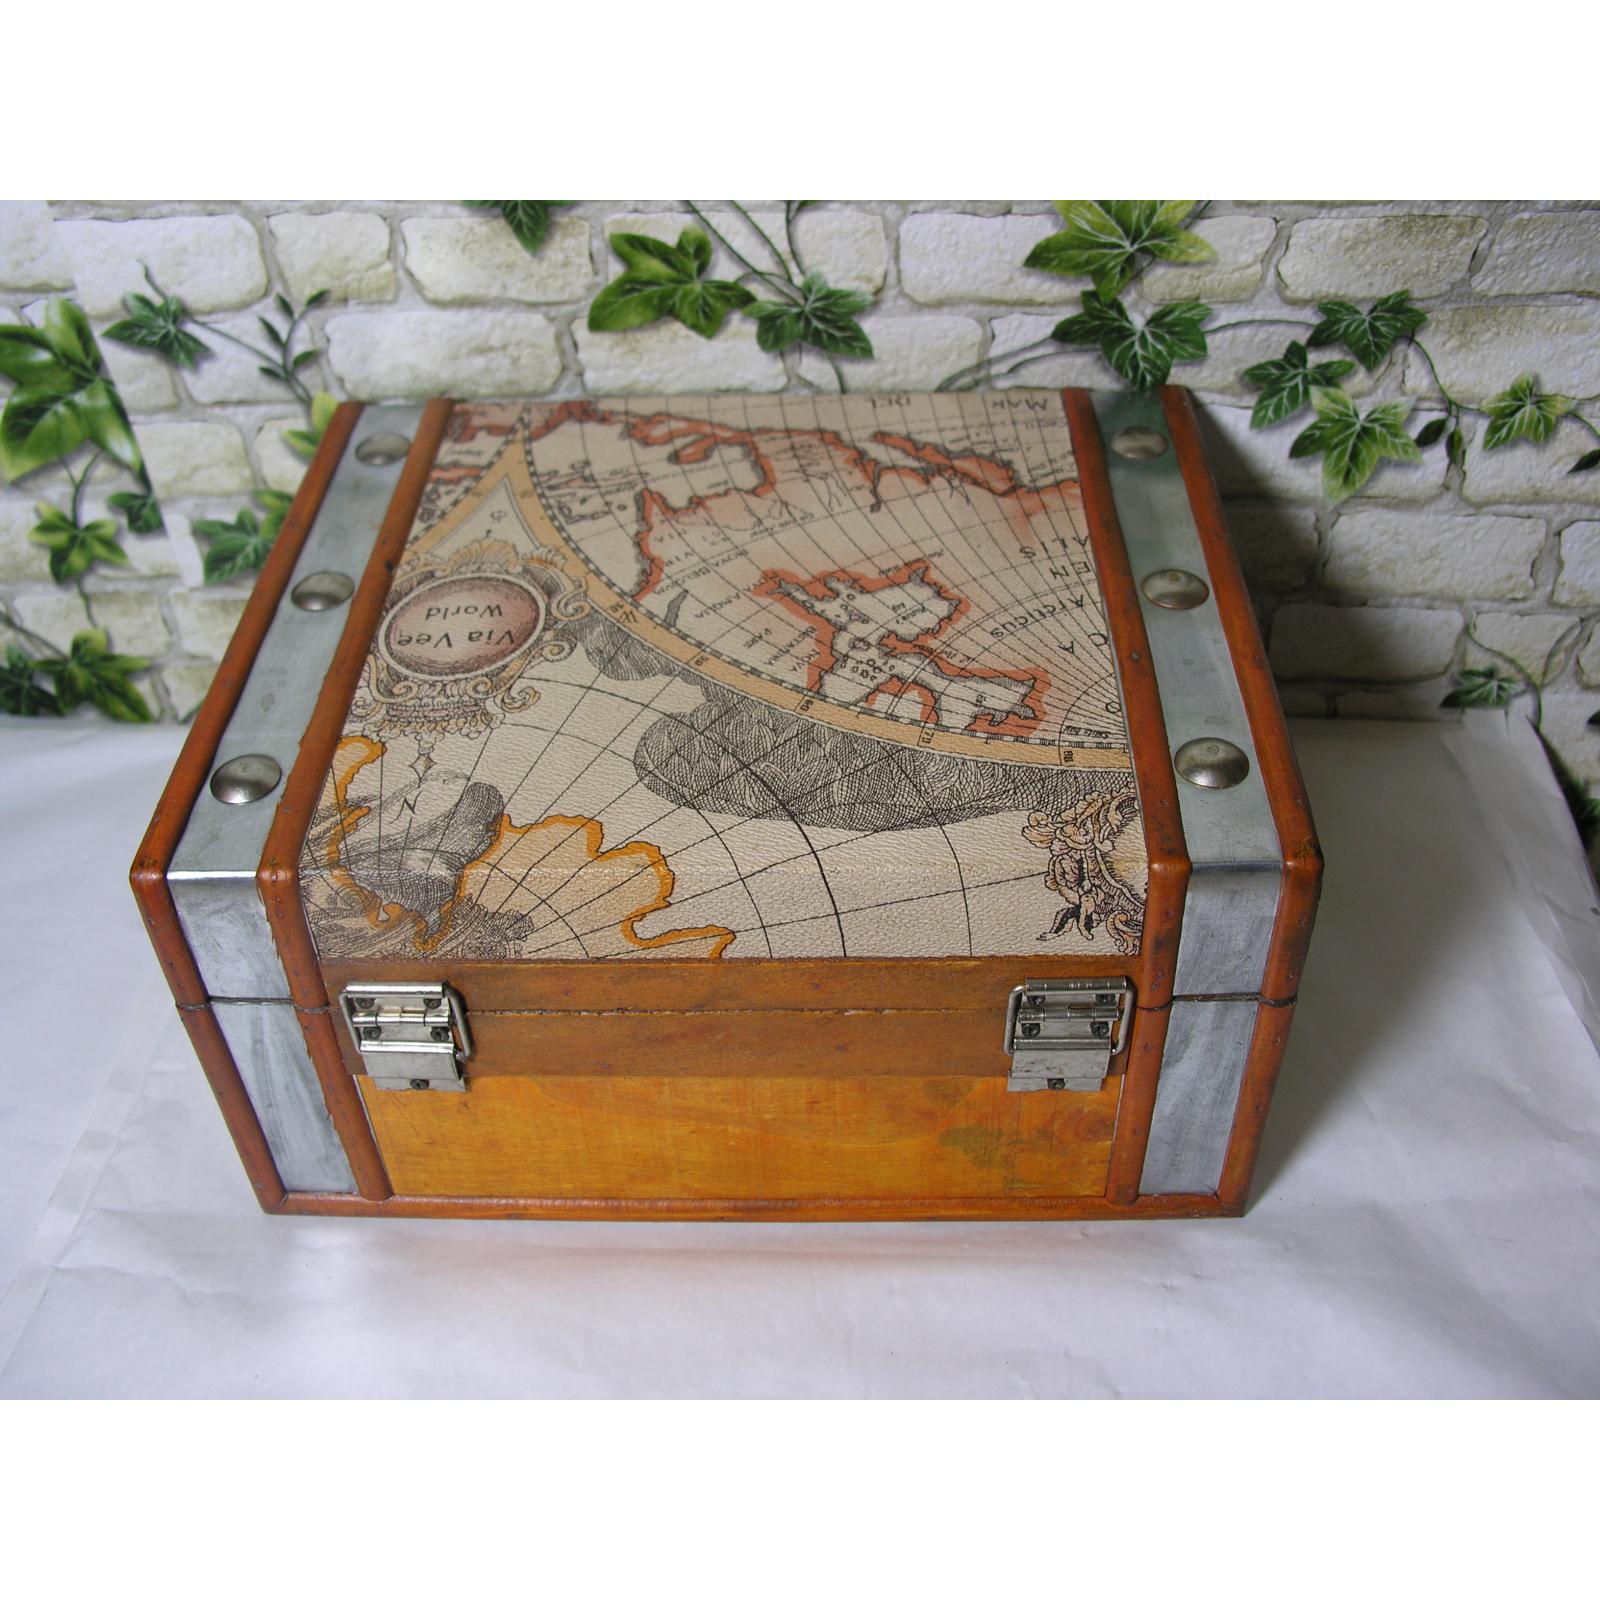 coffre de rangement atlas bac bo te pour d coration bois cuir ebay. Black Bedroom Furniture Sets. Home Design Ideas